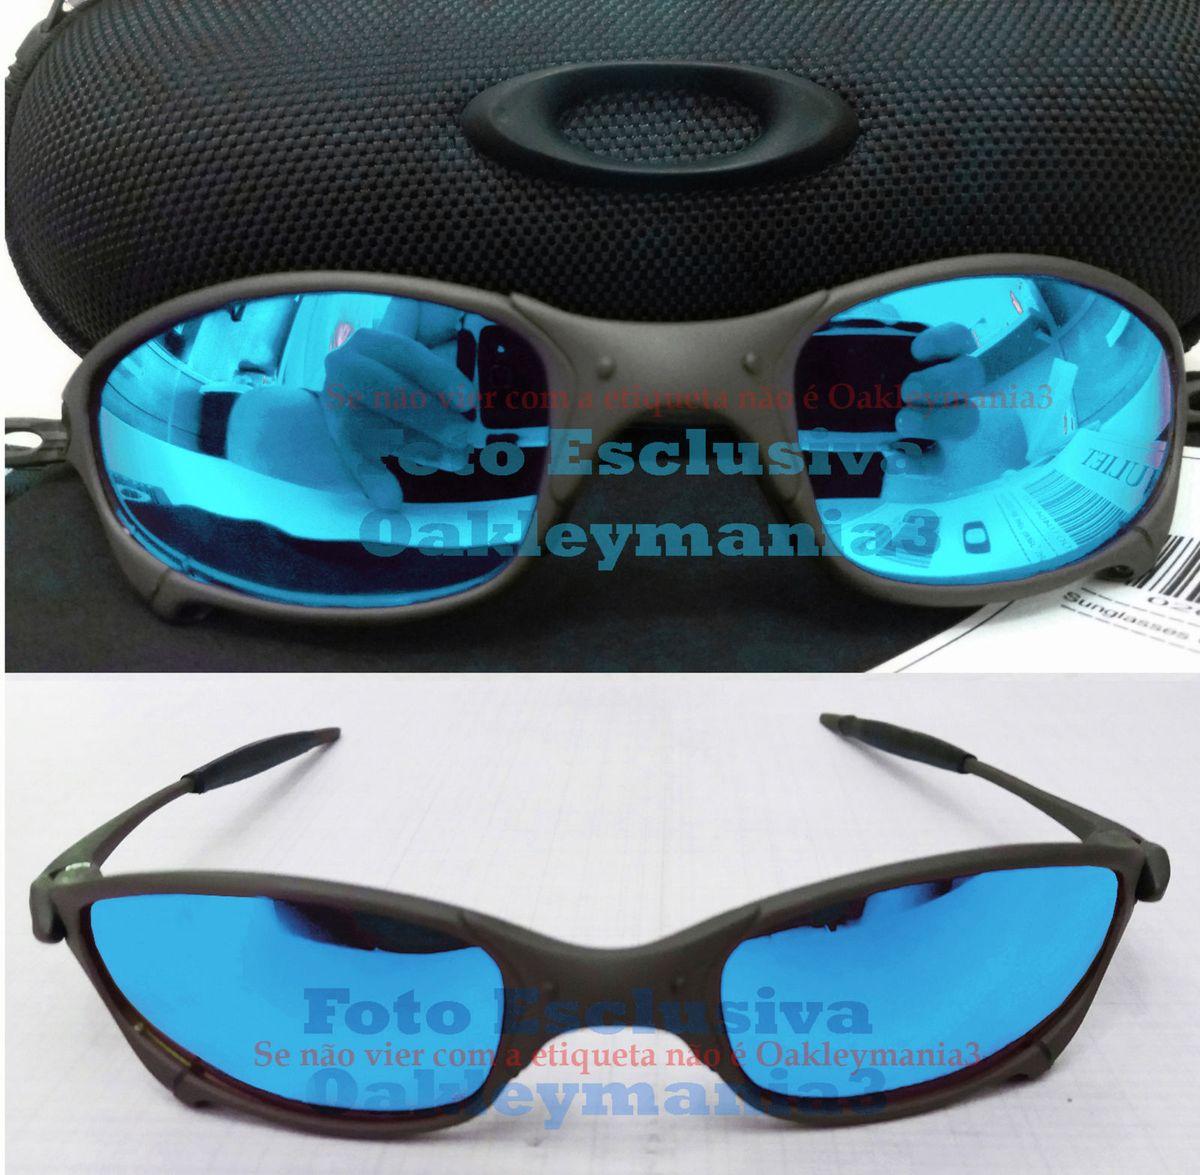 1711ee160 oculos oakley juliet xmetal lente azul clara ice thug polarizada + case  rigido porta oculos u.s.a